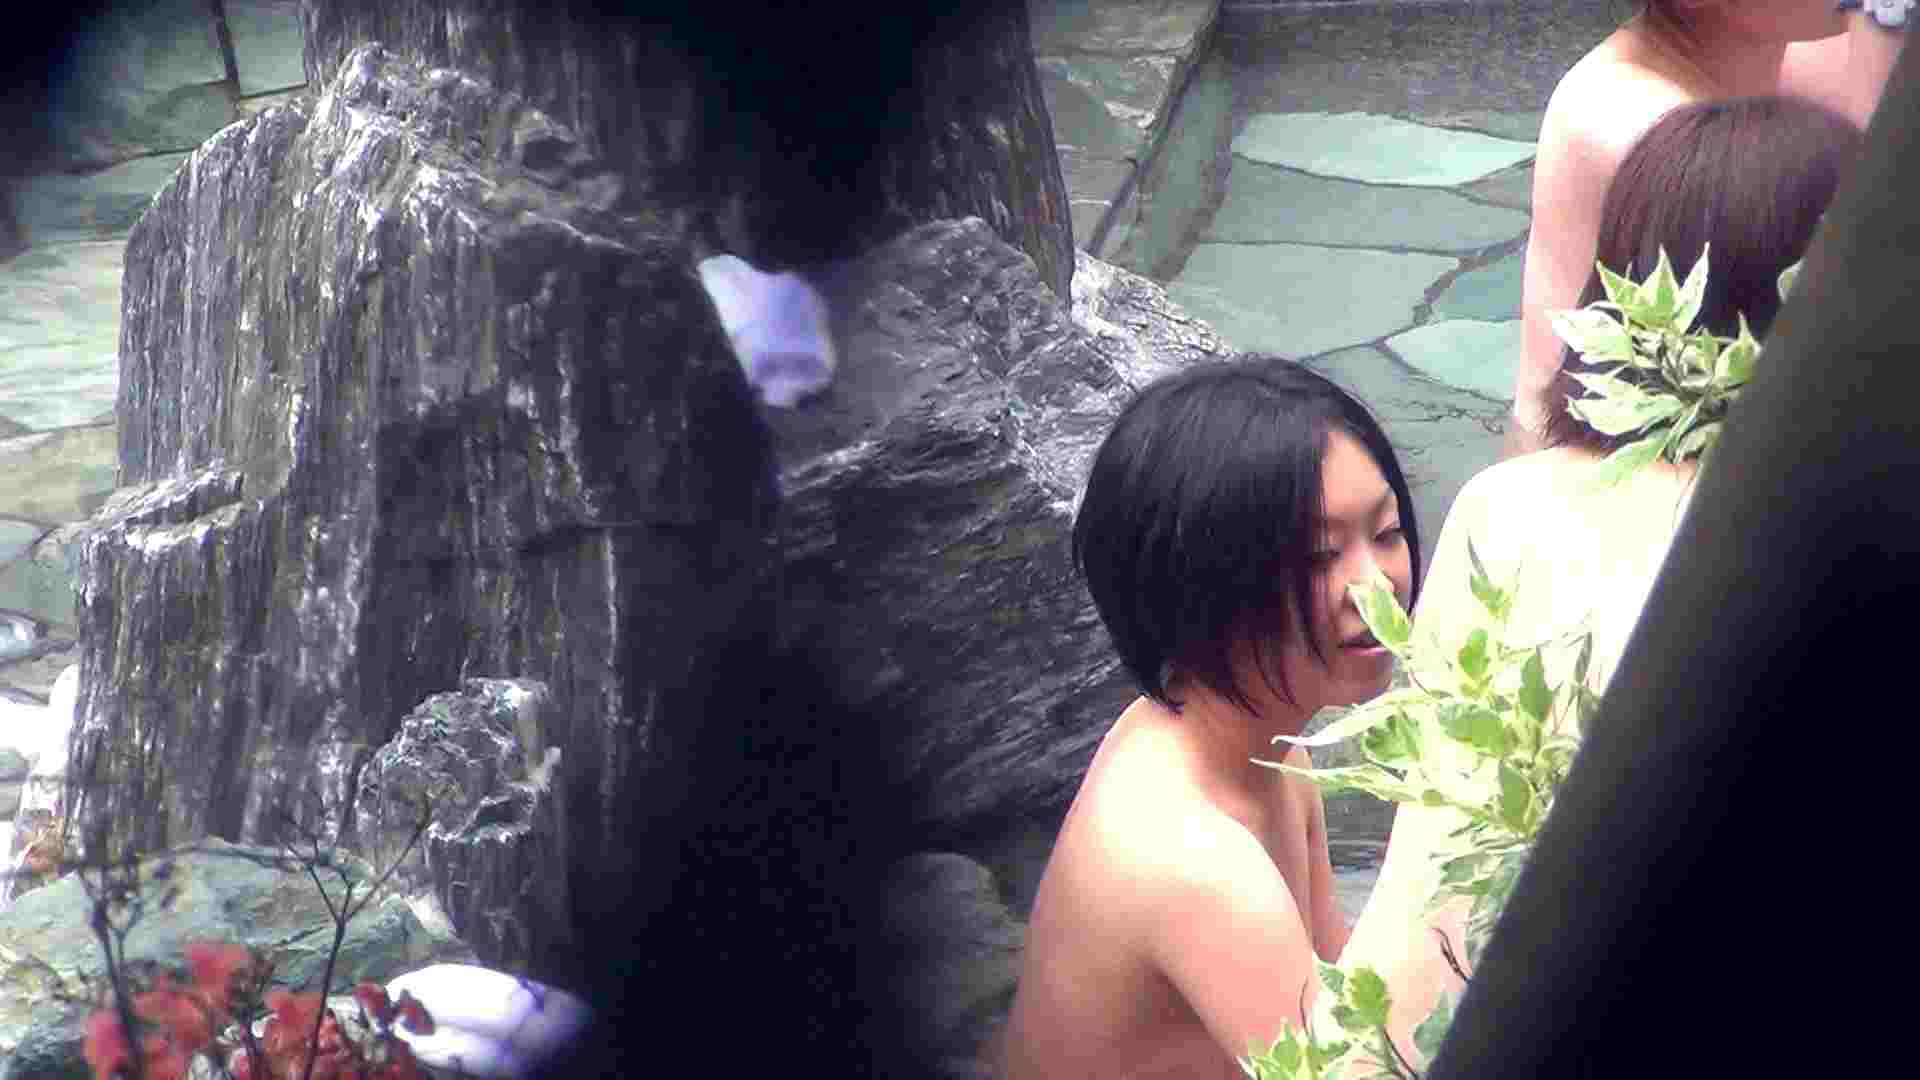 Aquaな露天風呂Vol.276 盗撮  72画像 33